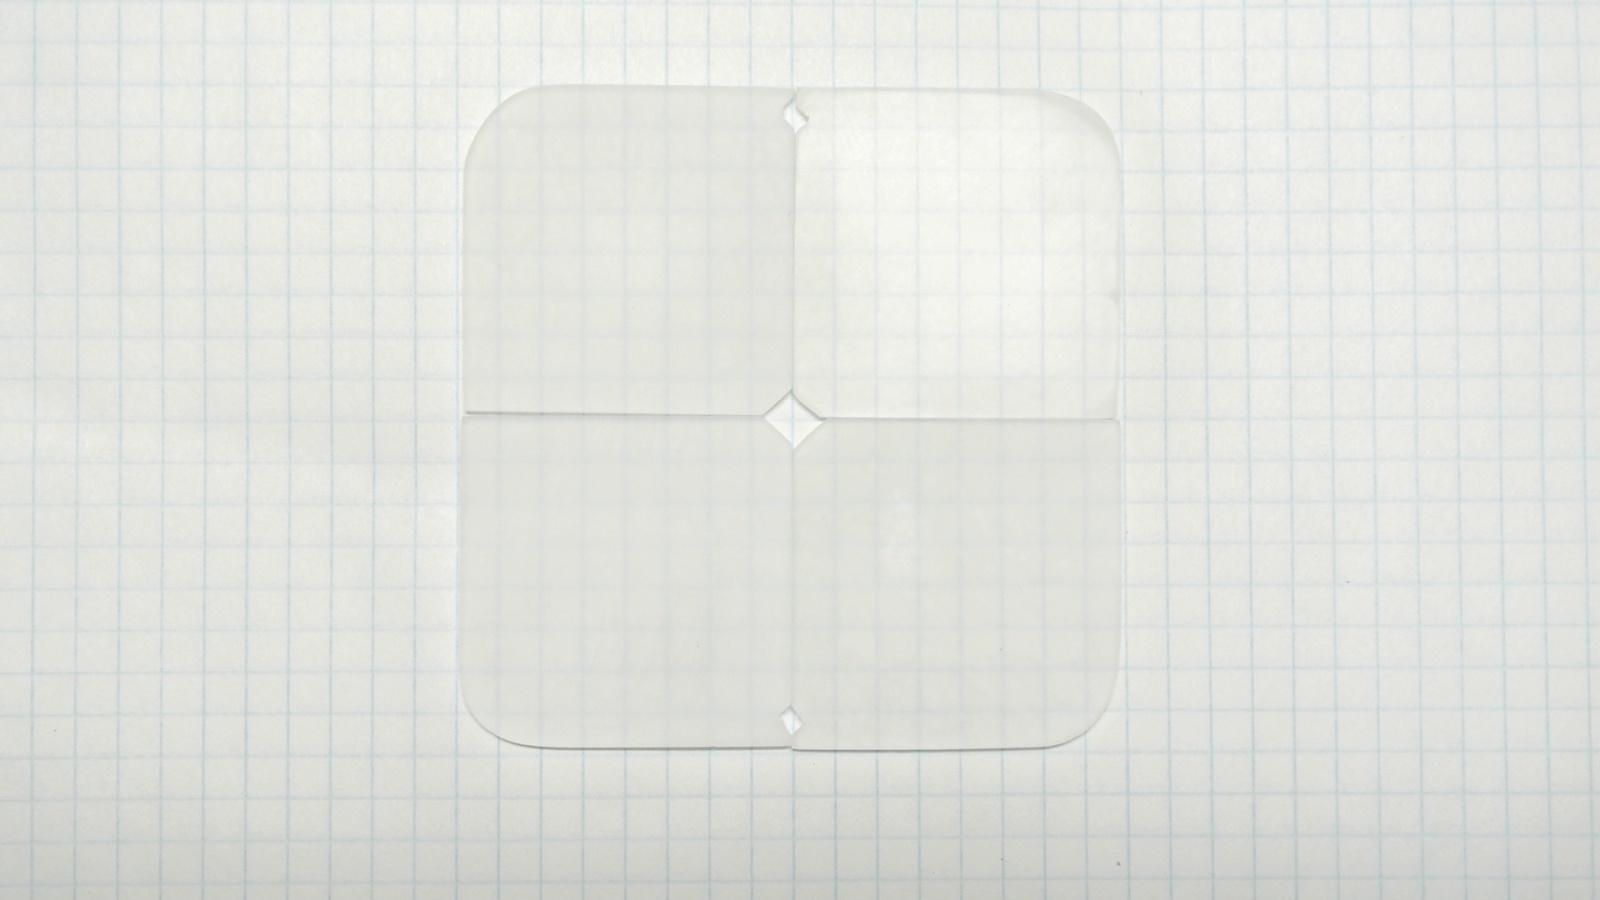 Разработка сенсорного Z-Wave выключателя на аккумуляторе со светящимися кнопками - 13